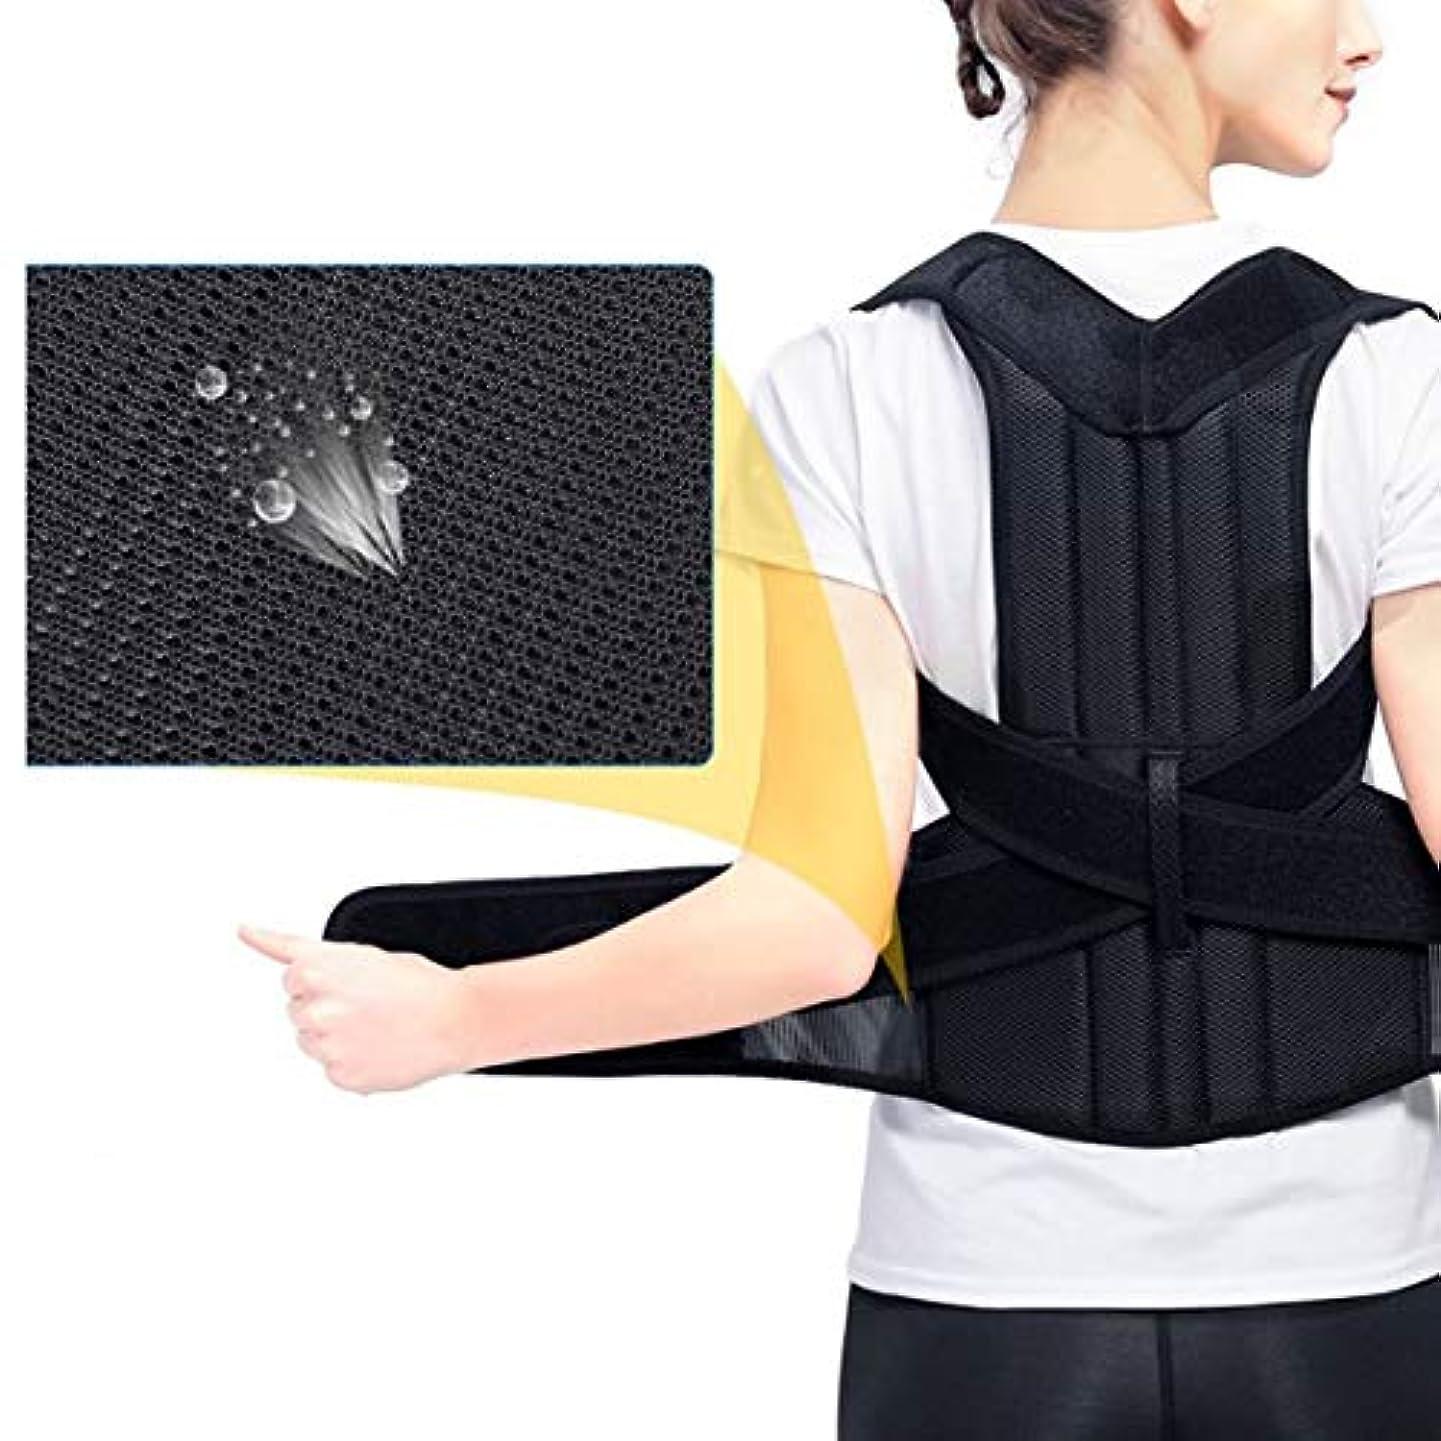 付属品受取人ミニチュア腰椎矯正バックブレース背骨装具側弯症腰椎サポート脊椎湾曲装具固定用姿勢 - 黒